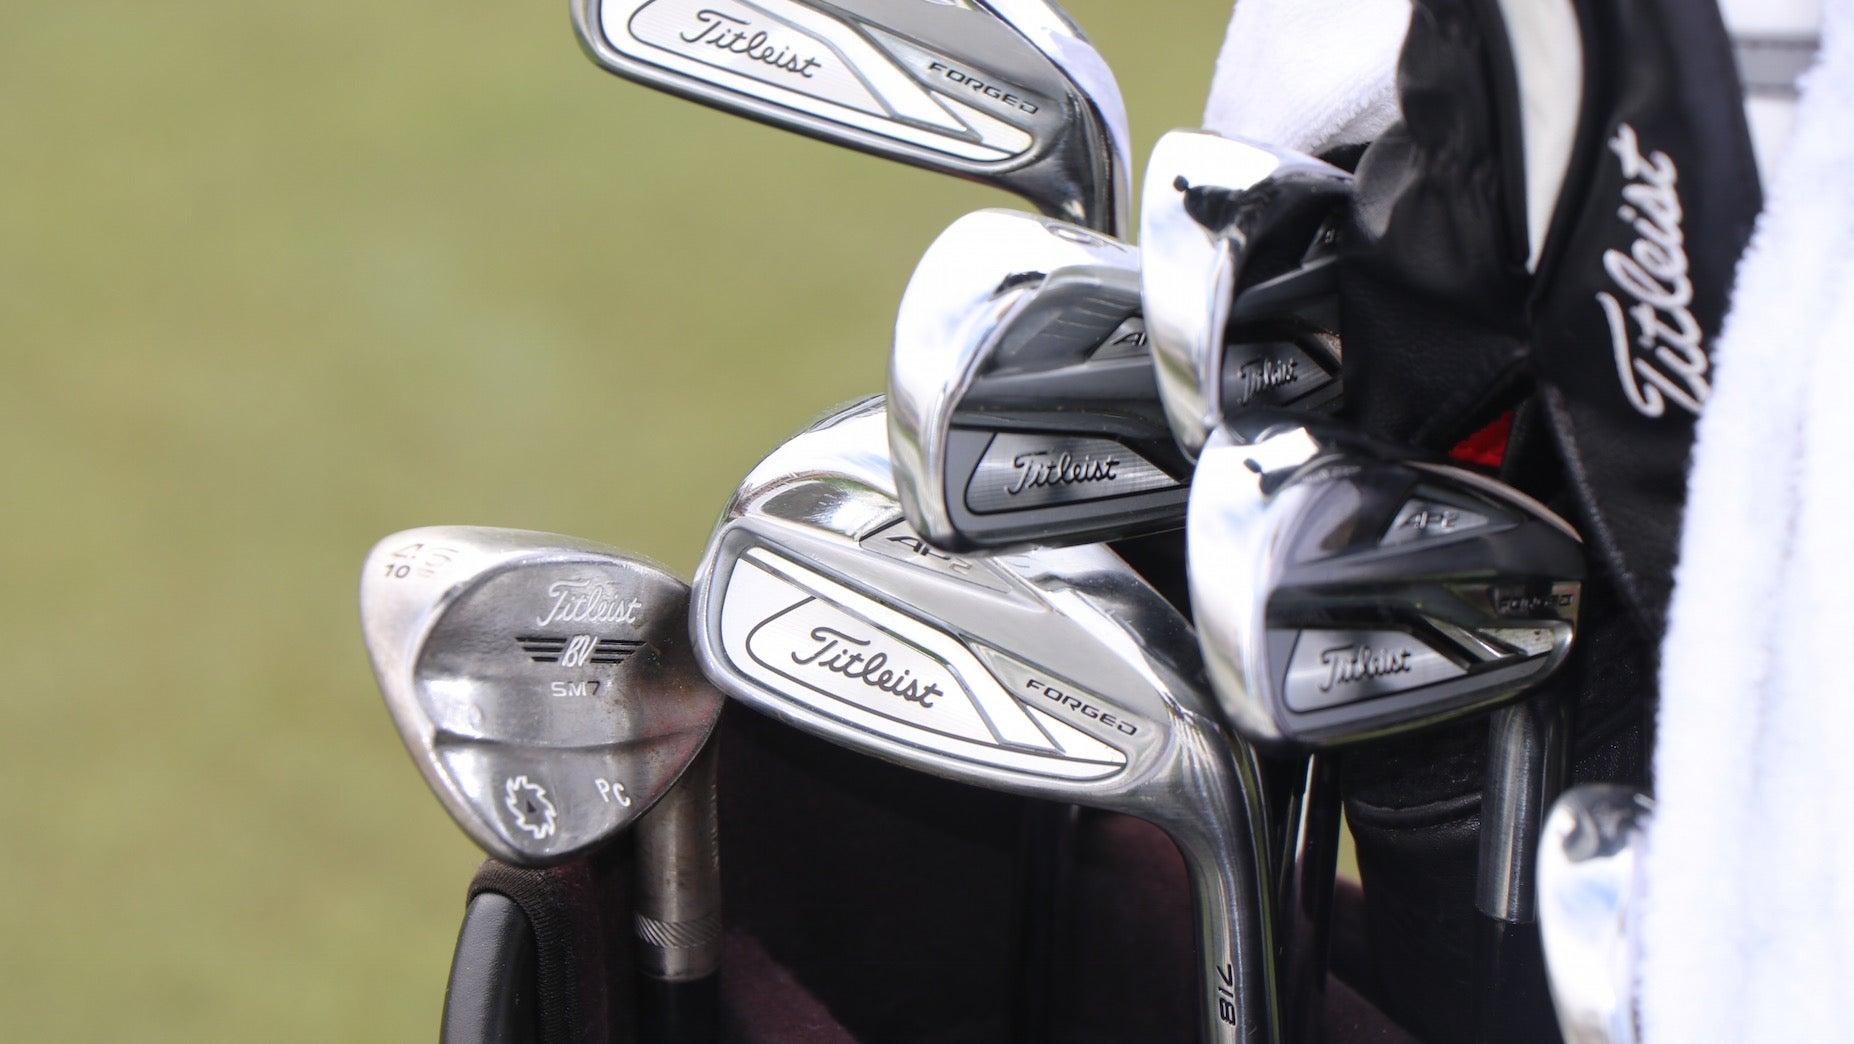 https://golf.com/wp-content/uploads/2020/10/PatrickCantlayWinnersBag.jpg